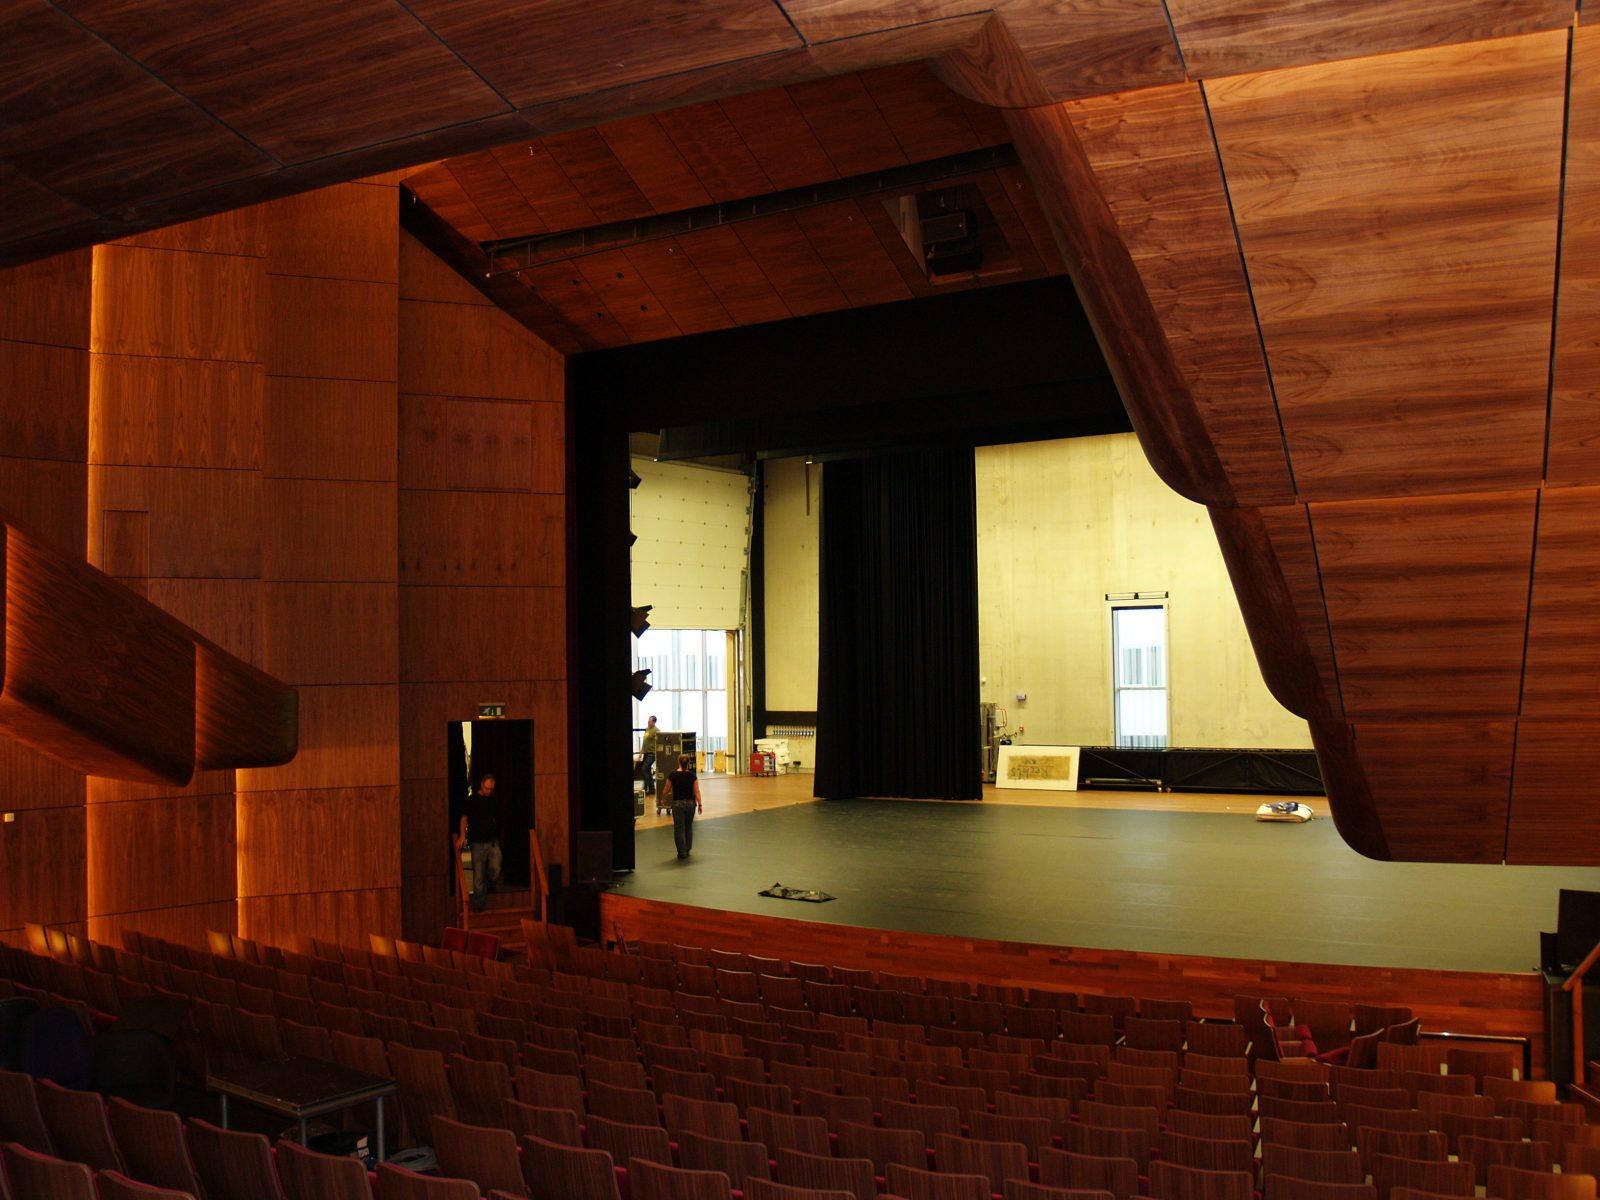 Sound insulating doors - Aesthetic doors - Protec Industrial Doors & City theatre - De Kom - acoustic doors - Protec Industrial Doors